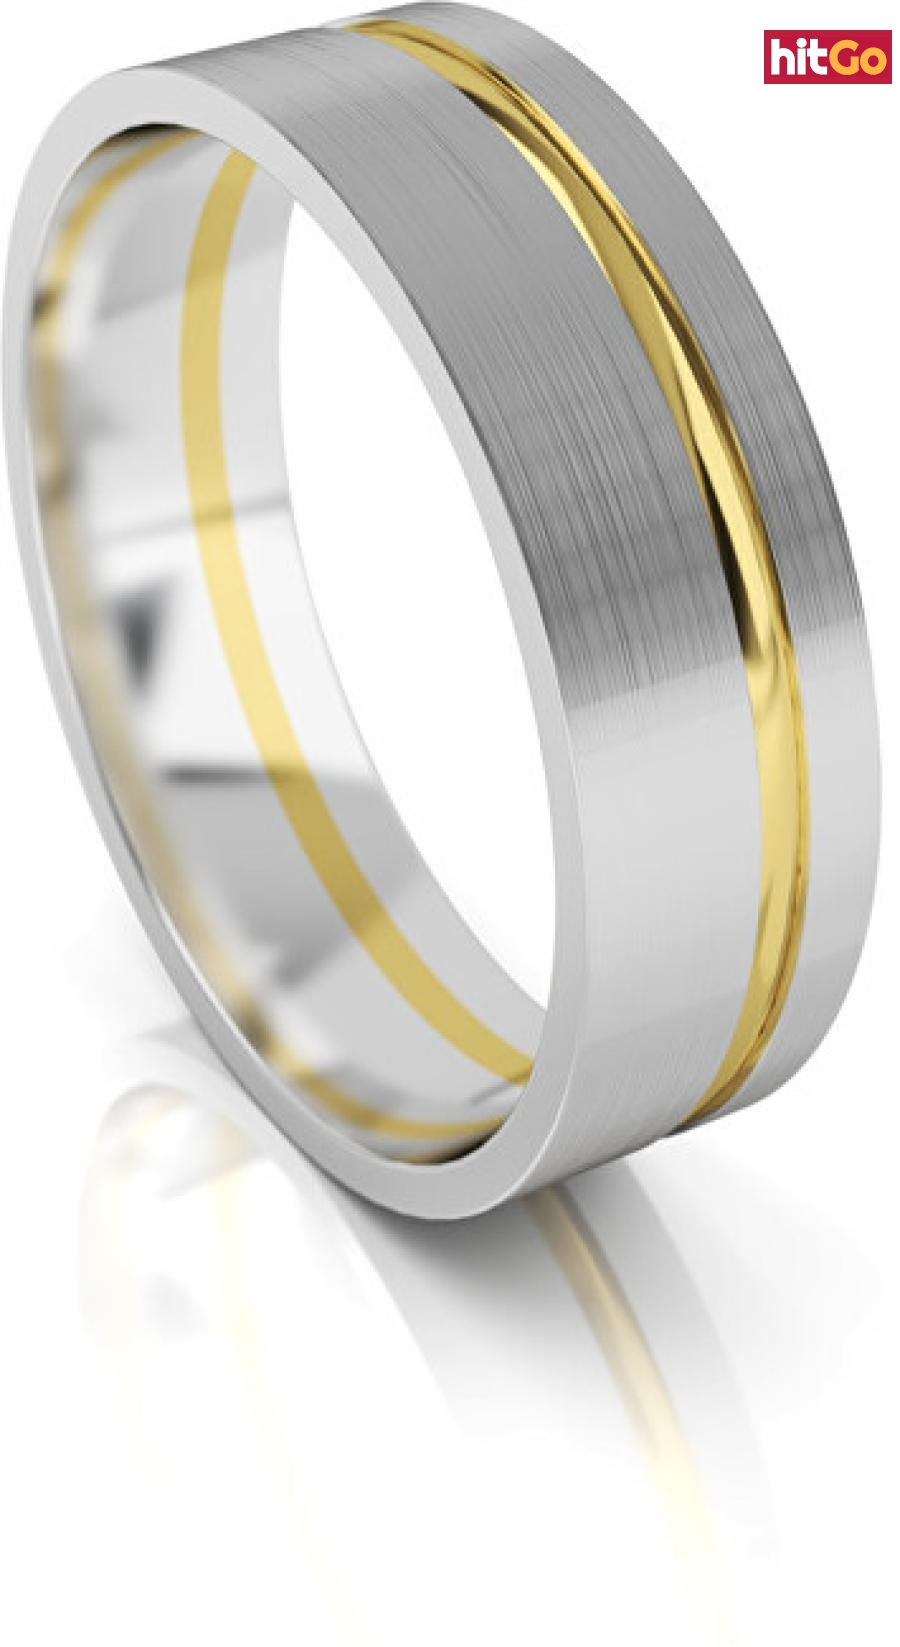 Art Diamond Pánský snubní prsten ze zlata AUG139 64 mm pánské